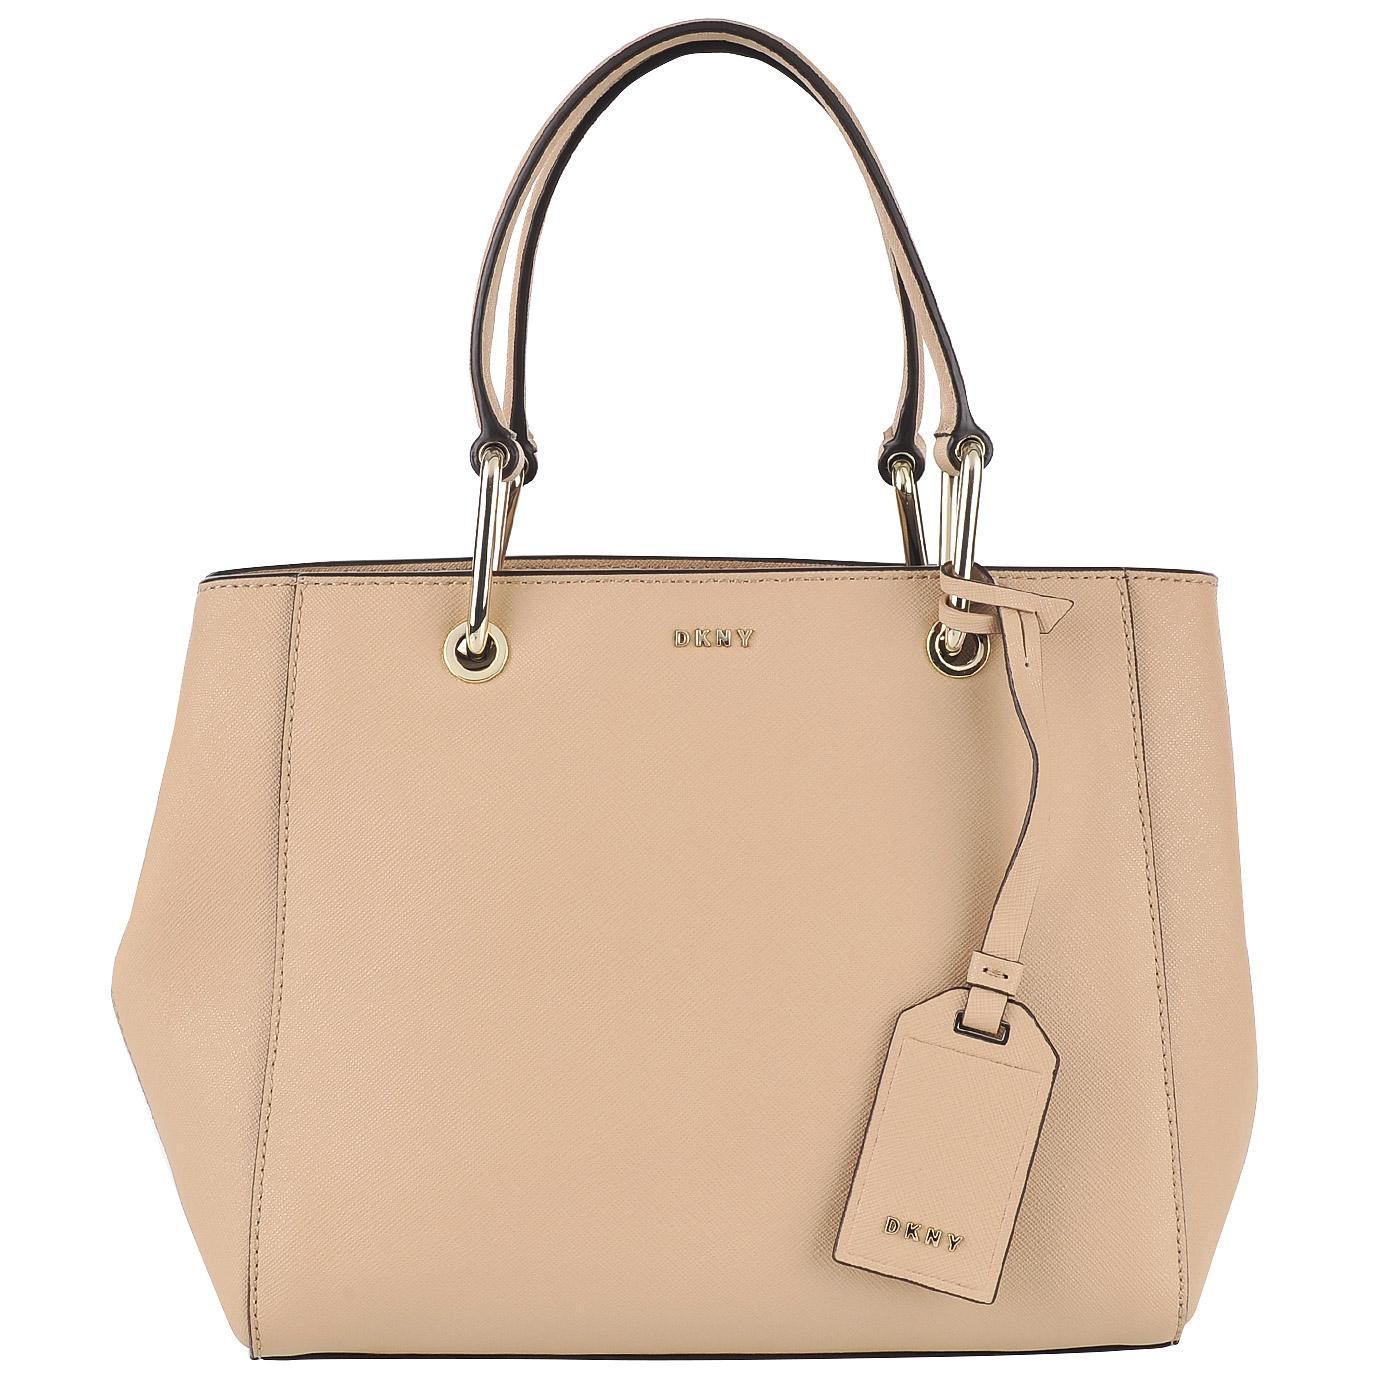 8e528e34ef9c Женская кожаная сумка DKNY Soft Saffiano Женская кожаная сумка DKNY Soft  Saffiano ...